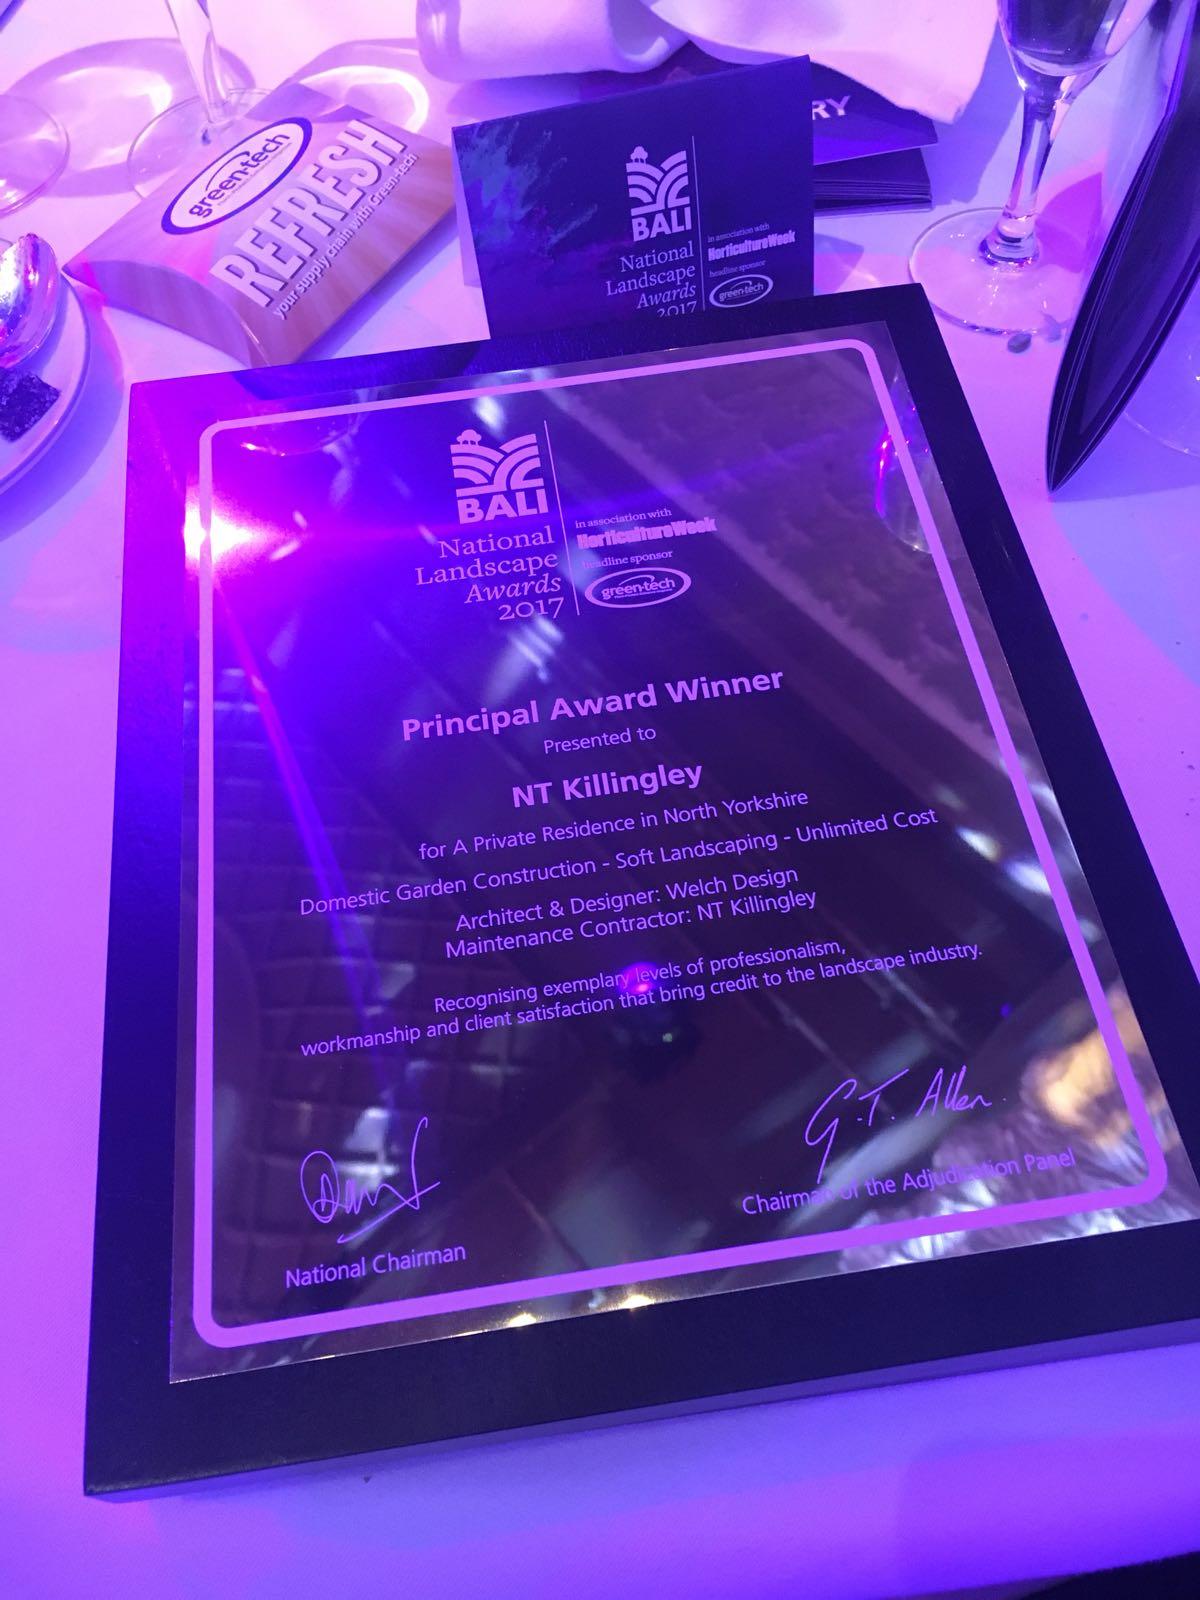 BALI Award 2017